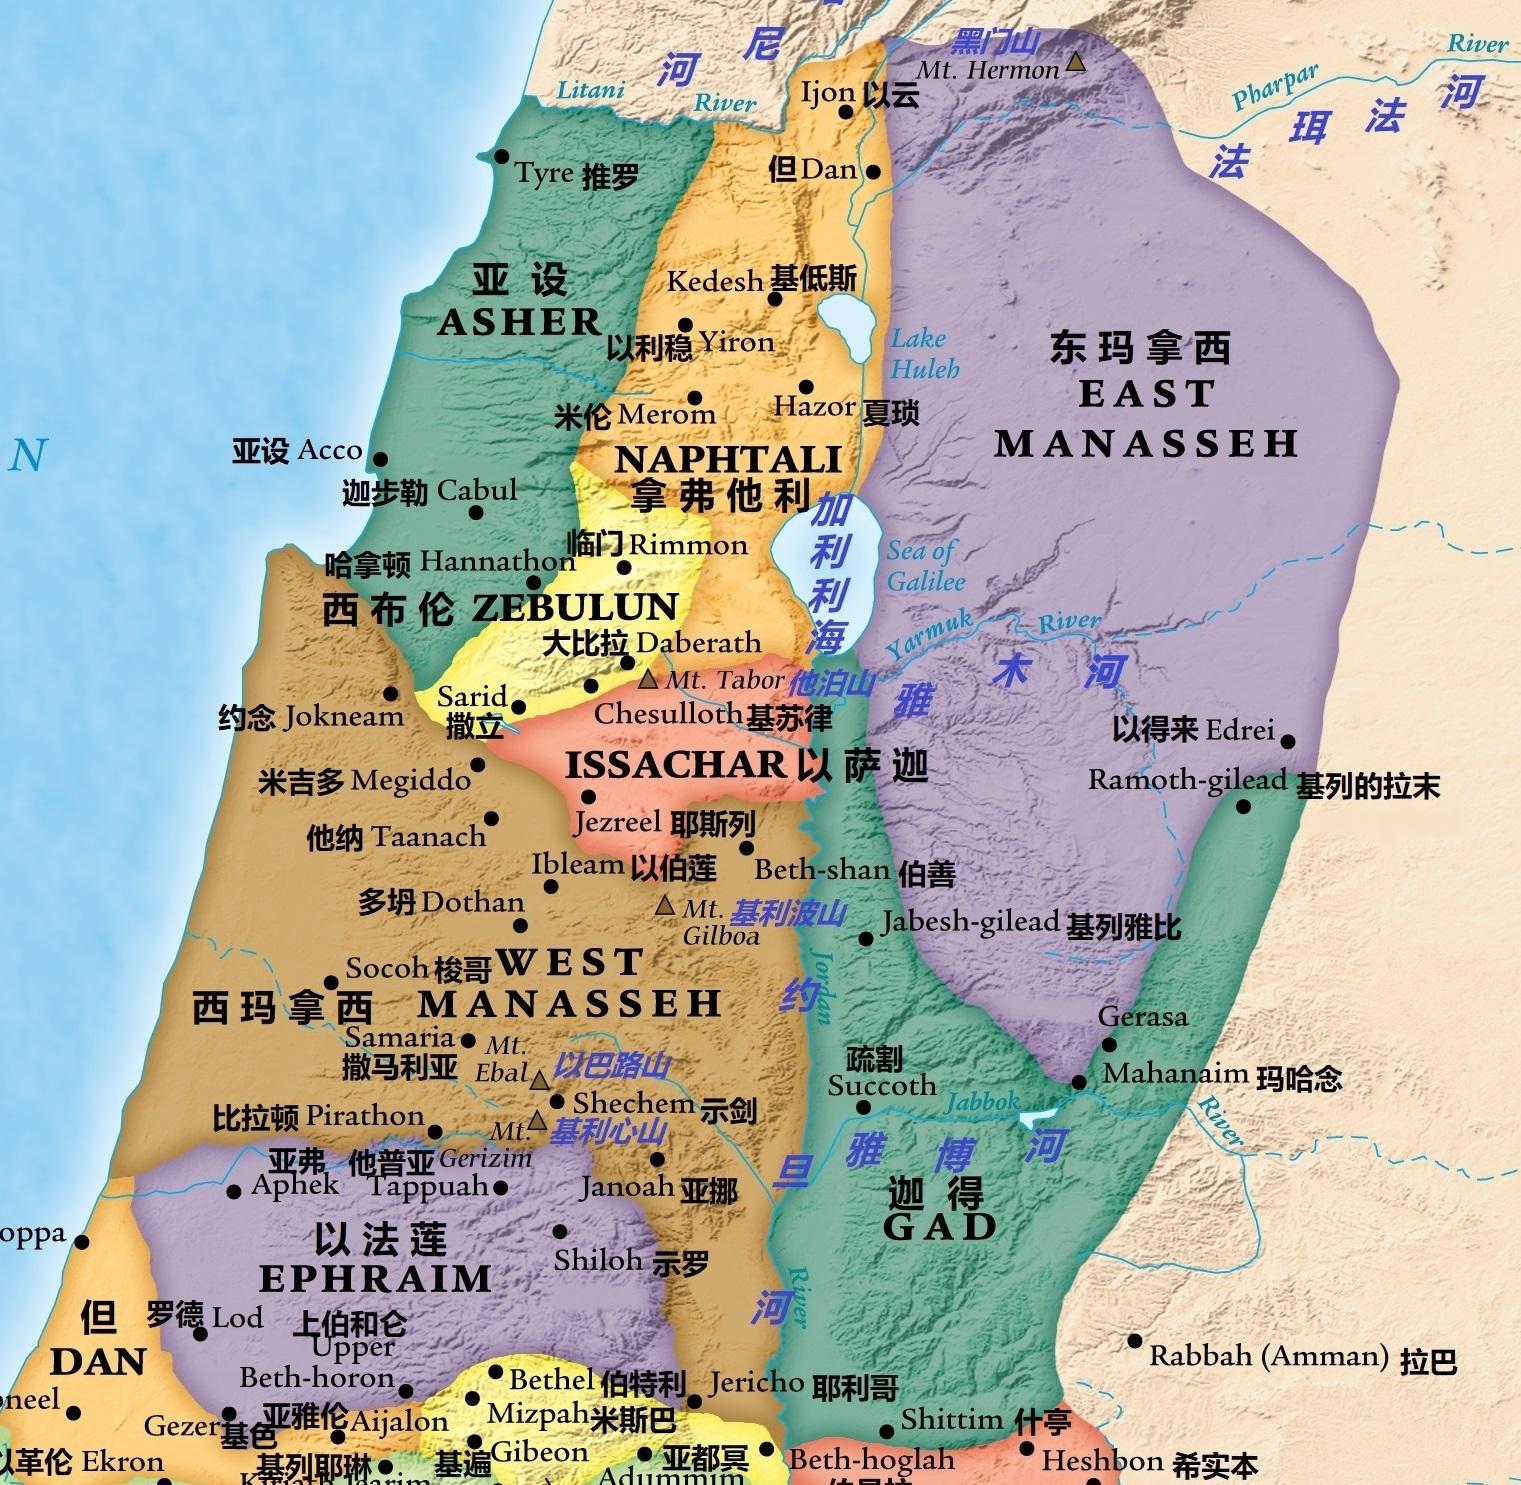 上图:东玛拿西和西玛拿西支派所分得的两分地。